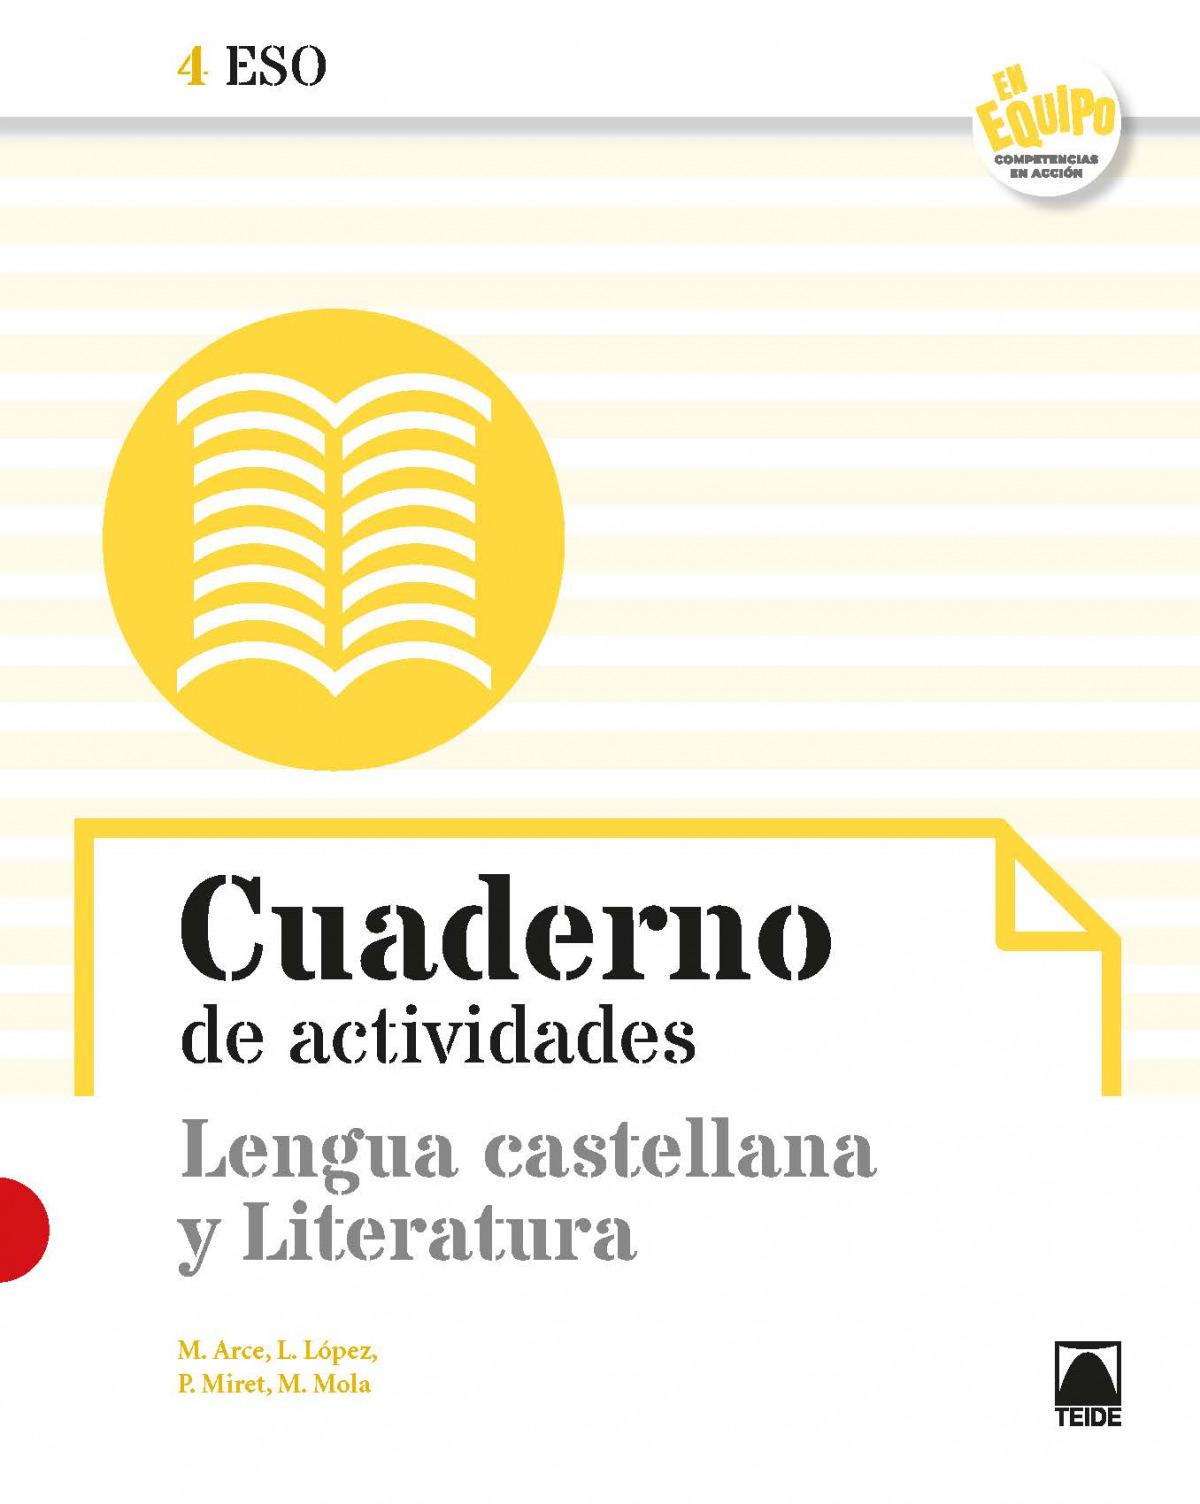 Cuaderno de actividades. Lengua castellana y Literatura 4 ESO - En equipo